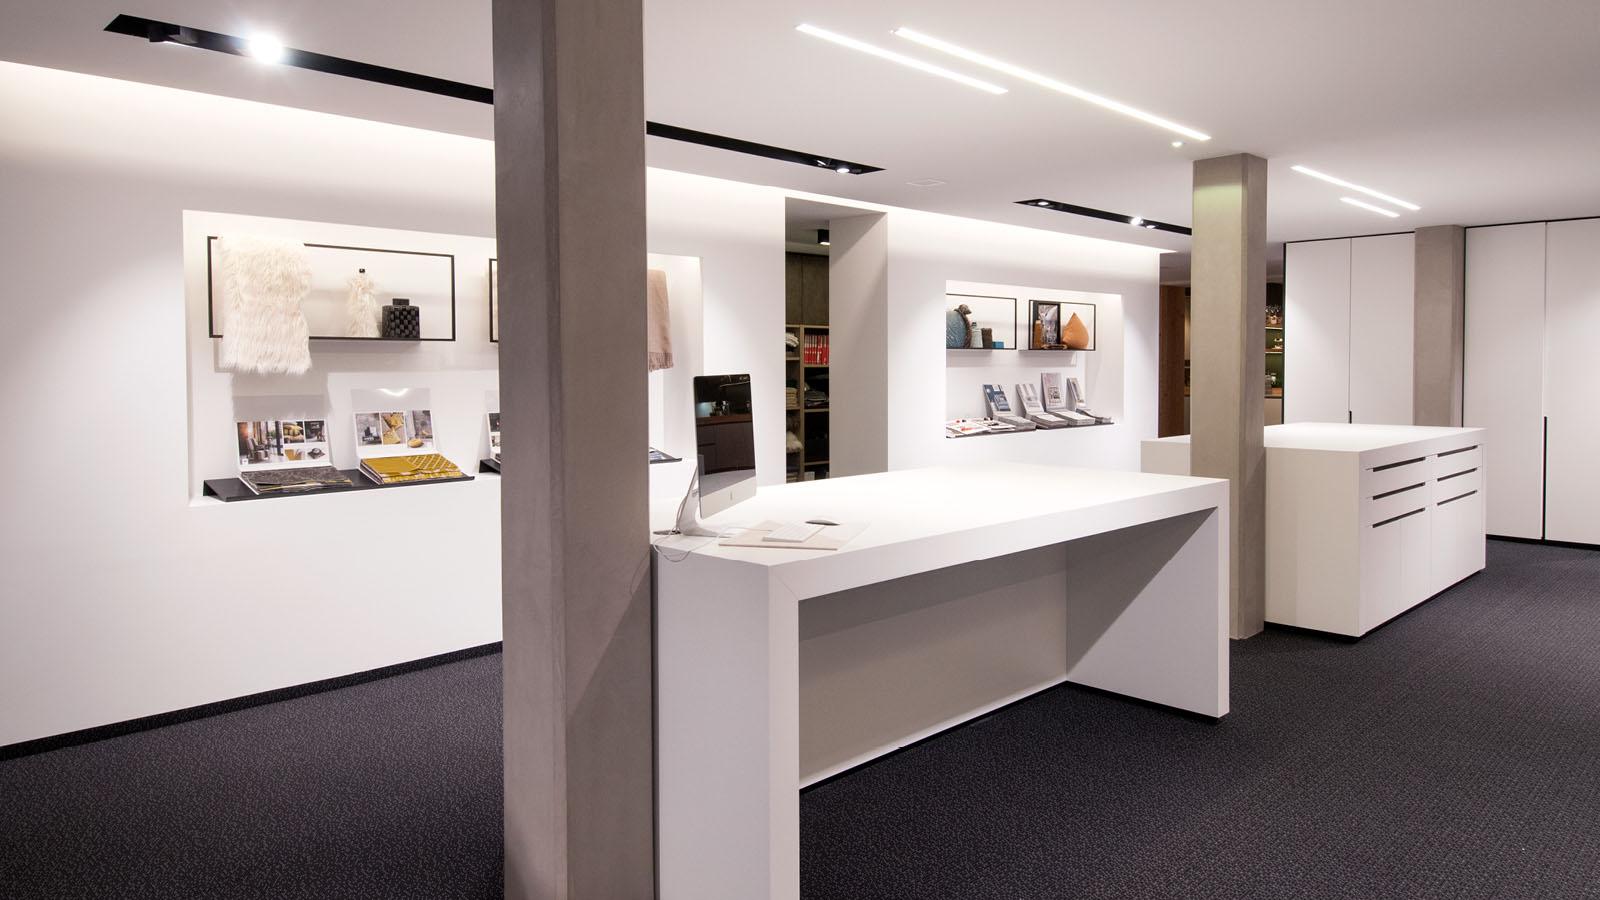 Planungsbüro mit weißen Tischen und Textilmustern an der Wand